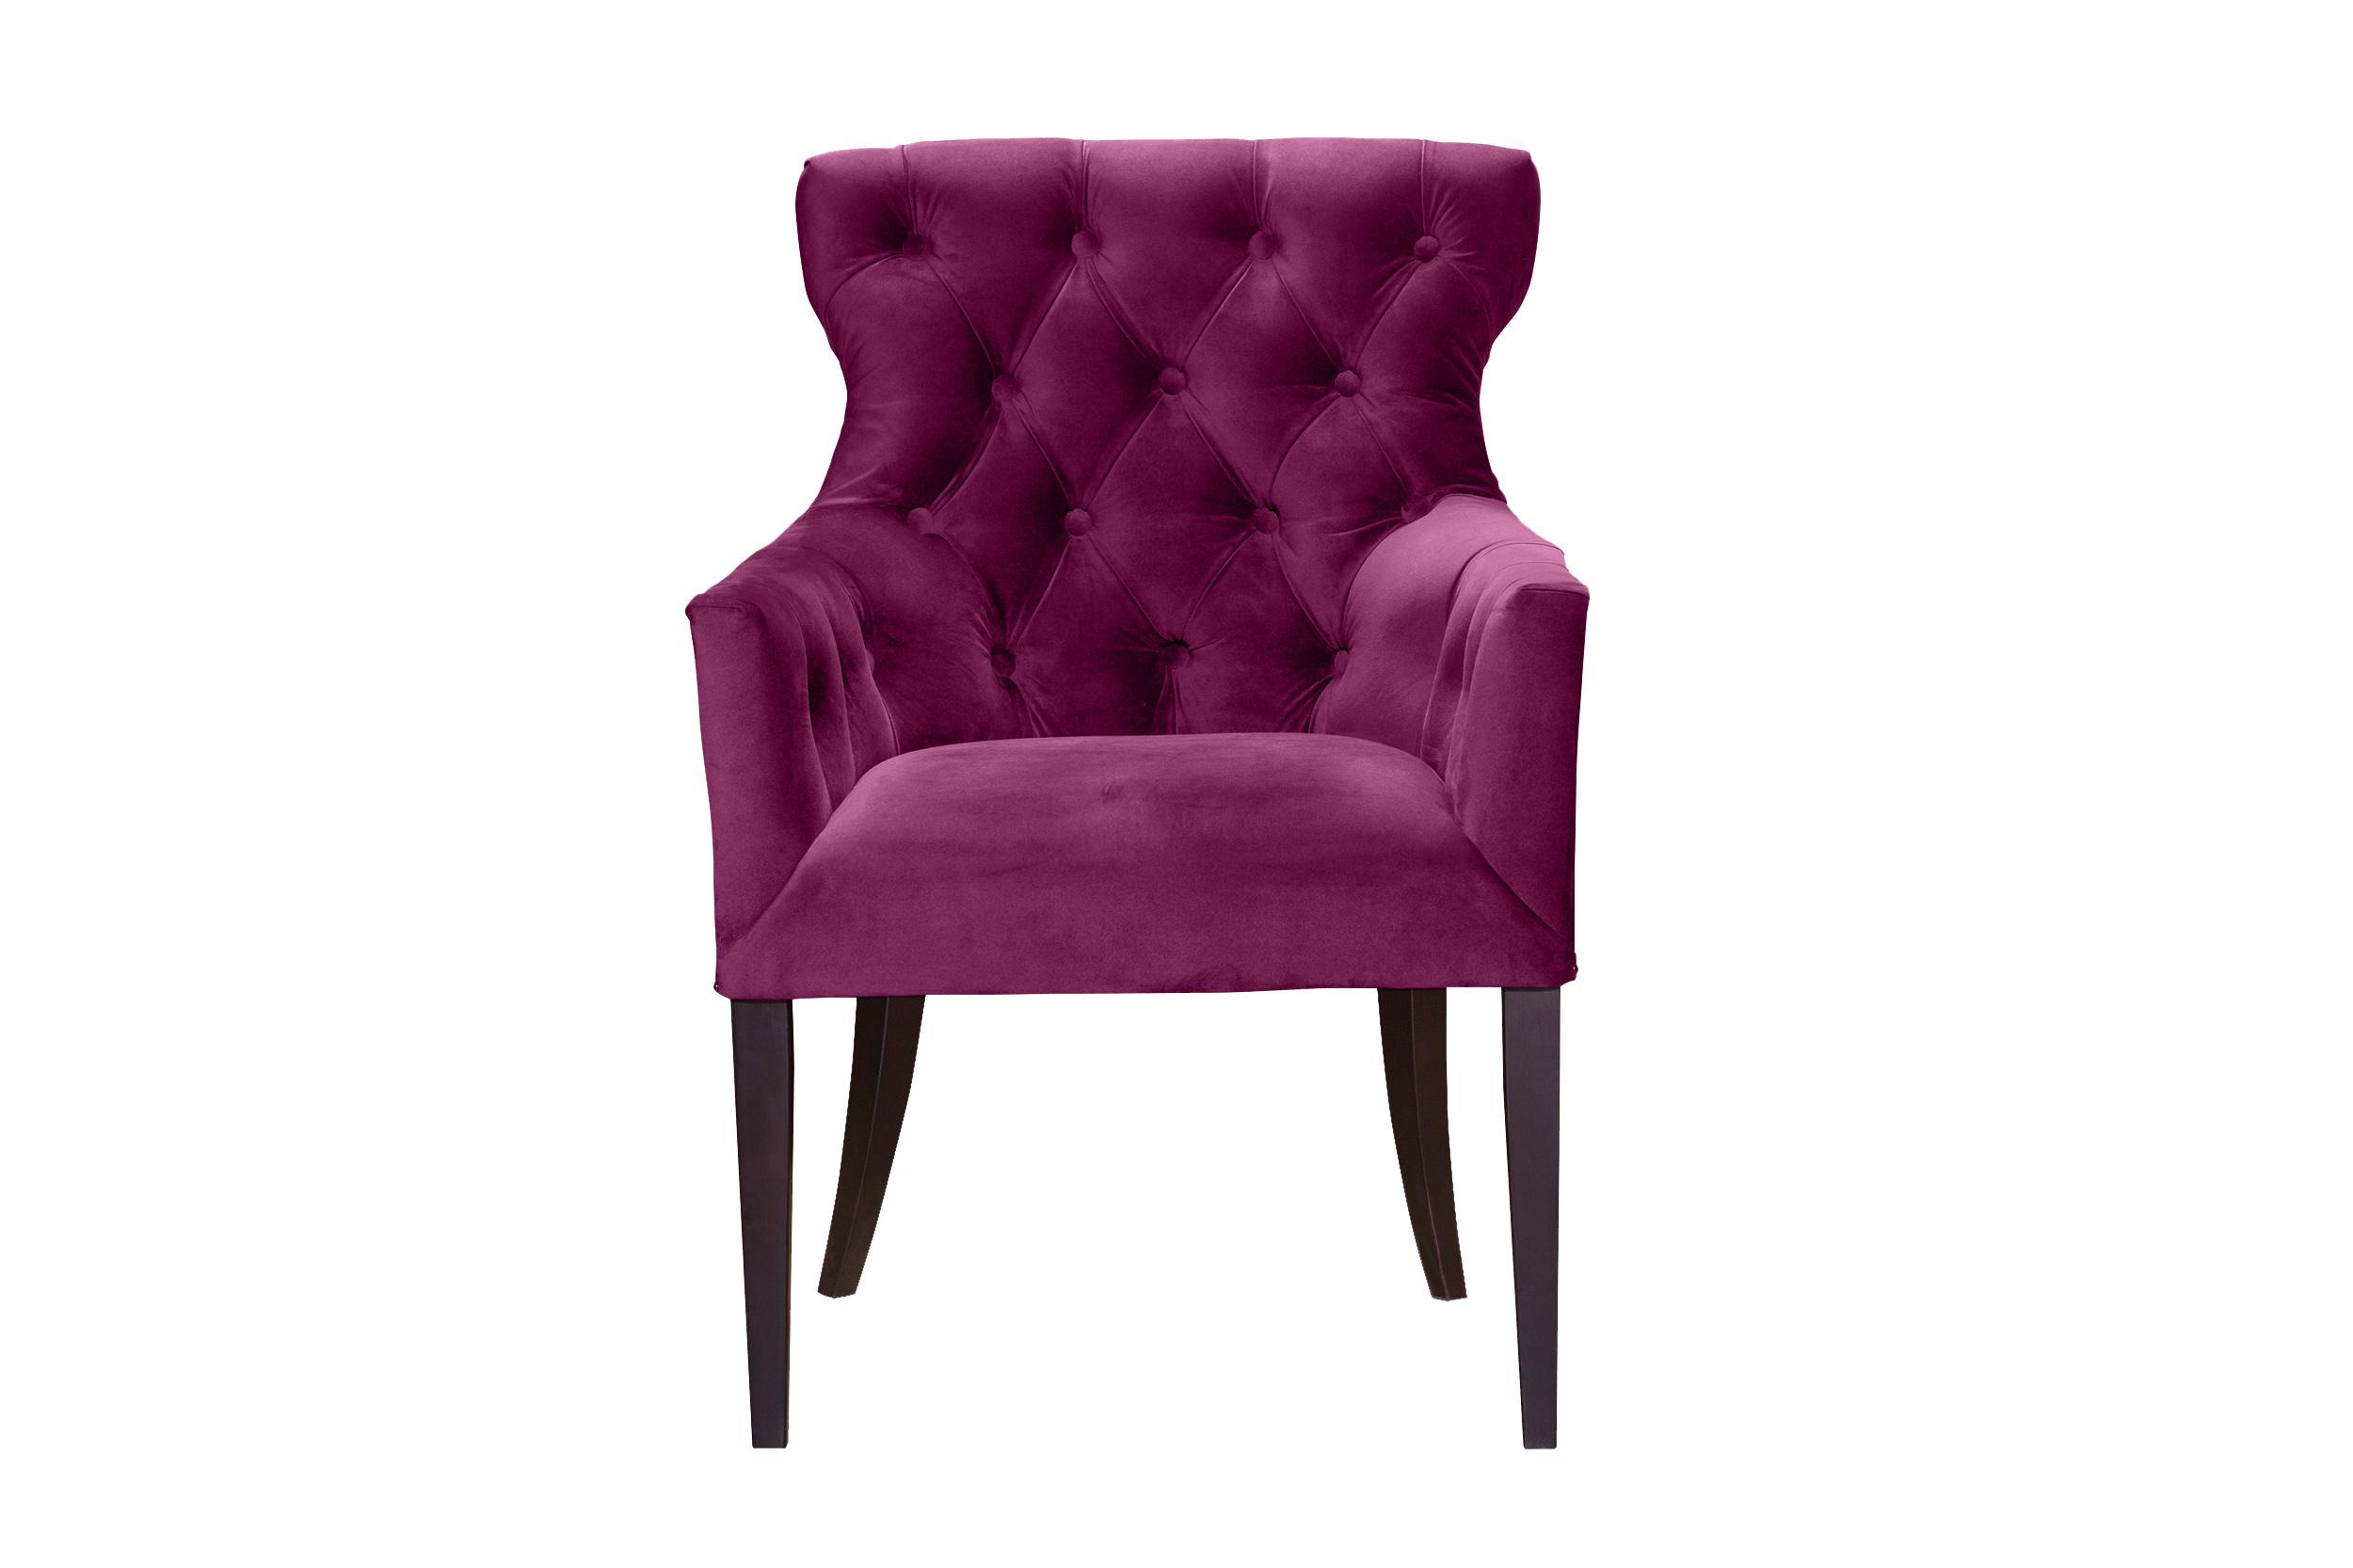 Кресло ByronИнтерьерные кресла<br>Каркас: фанера, брус хвойных парод, резино-тканевые ремни, термовойлок, ППУ&amp;quot;HR,HL,ST&amp;quot;, опоры массив.<br><br>Material: Вельвет<br>Ширина см: 62<br>Высота см: 96<br>Глубина см: 66